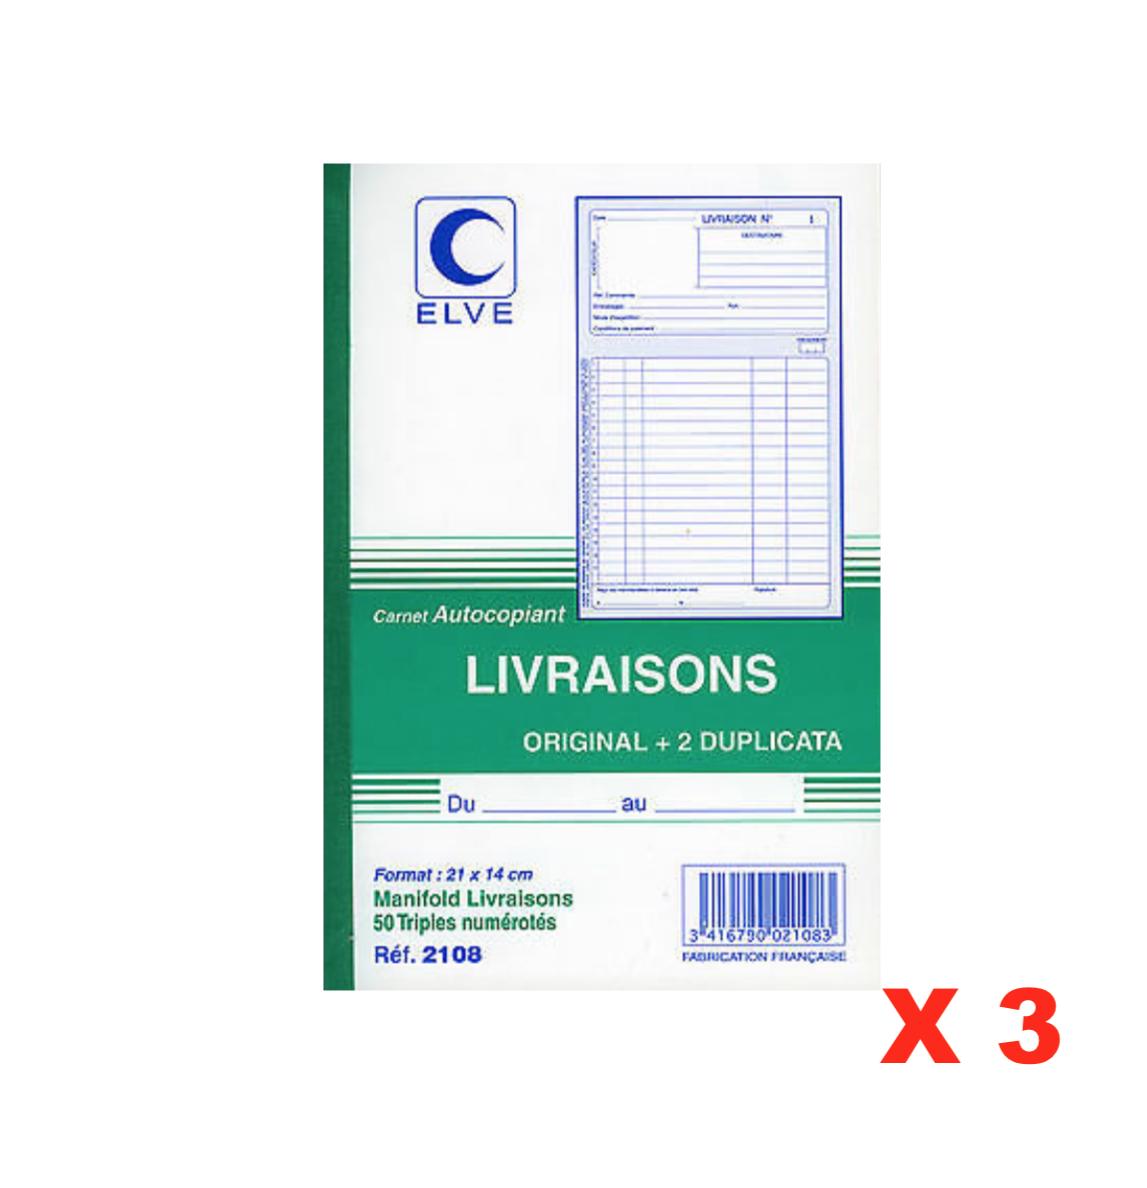 ELVE CARNET AUTOCOPIANT LIVRAISONS ORIGINAL + 2 DUPLICATA 3416790021083 STORE SHOP OFFICE ORDER COMASOUND KARTEL